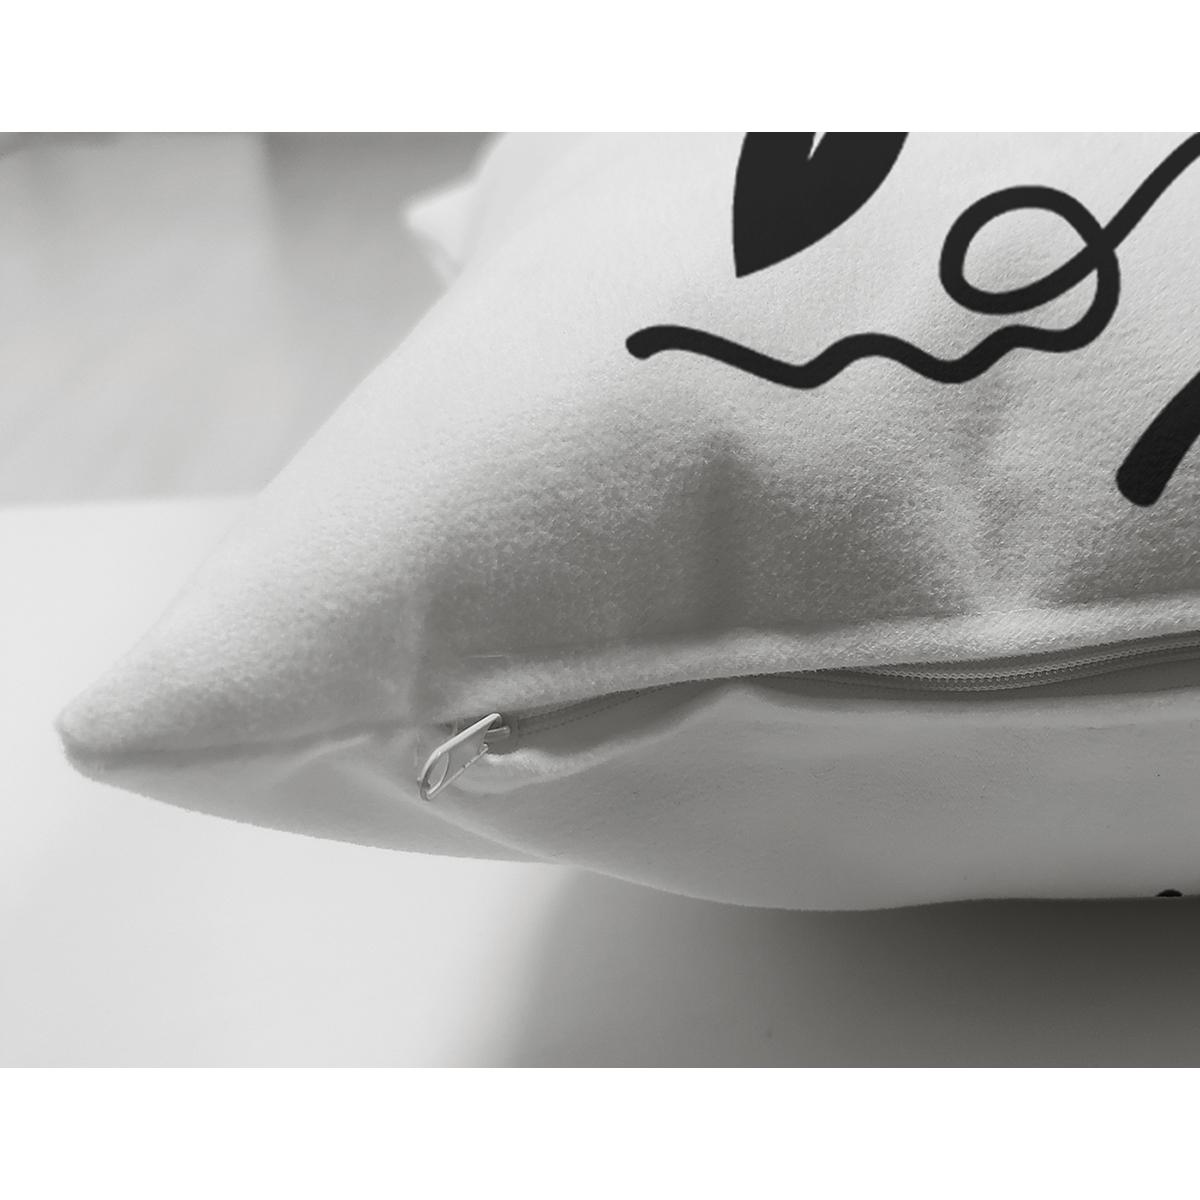 Siyah Beyaz Çelenkli F Harfi Özel Tasarım Modern Suet Yastık Kırlent Kılıfı Realhomes